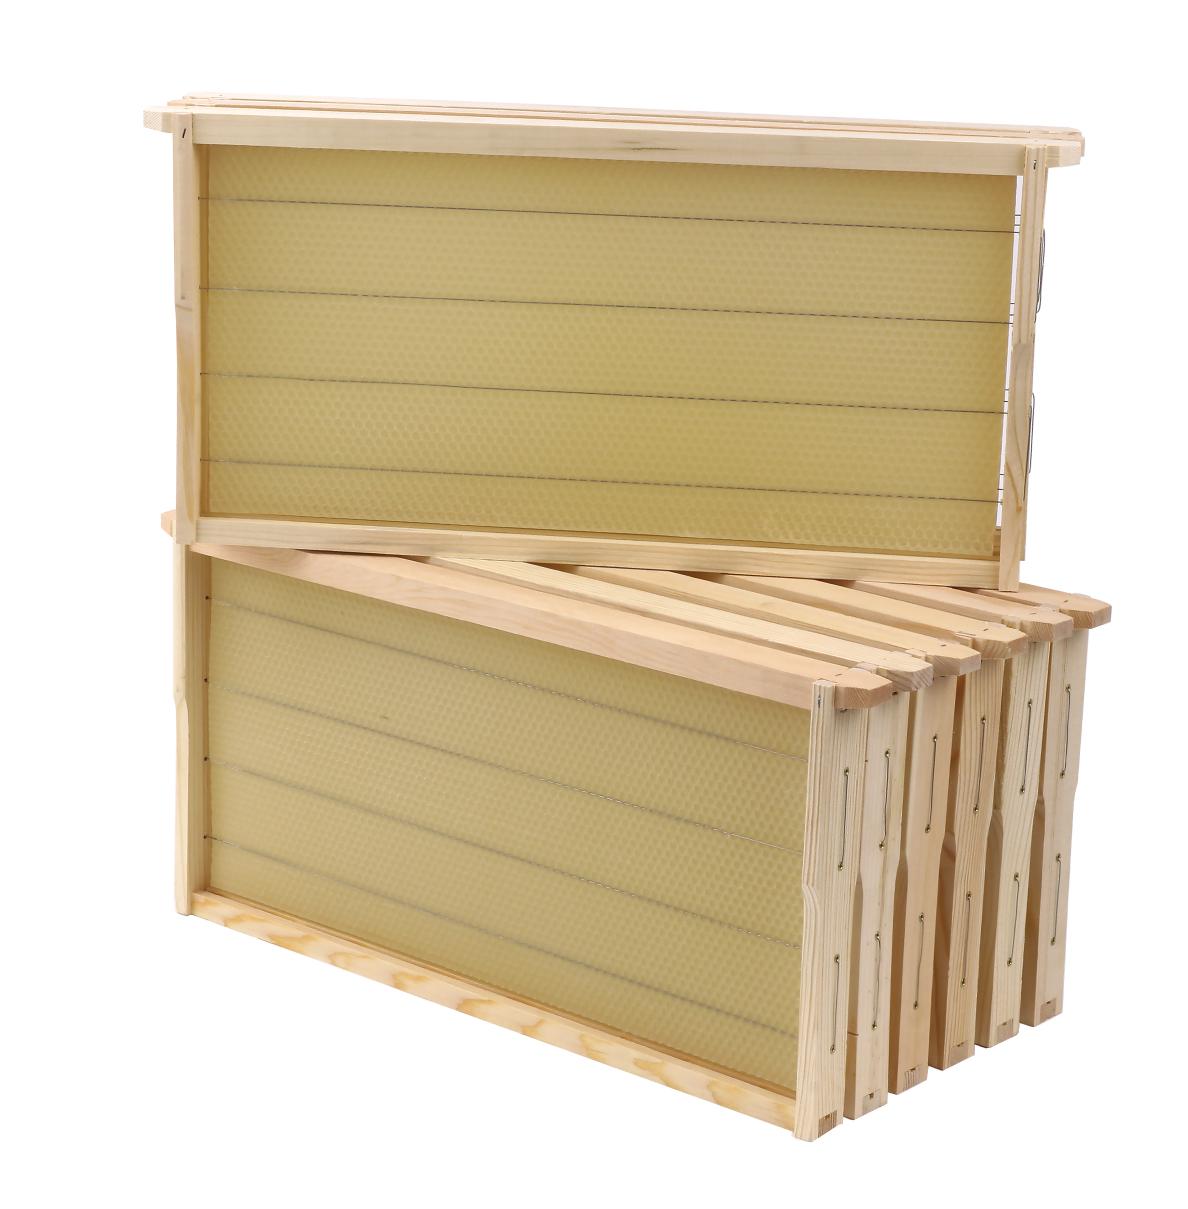 15 in 1 ULTIMATE Beekeeping kit - 8 Frame